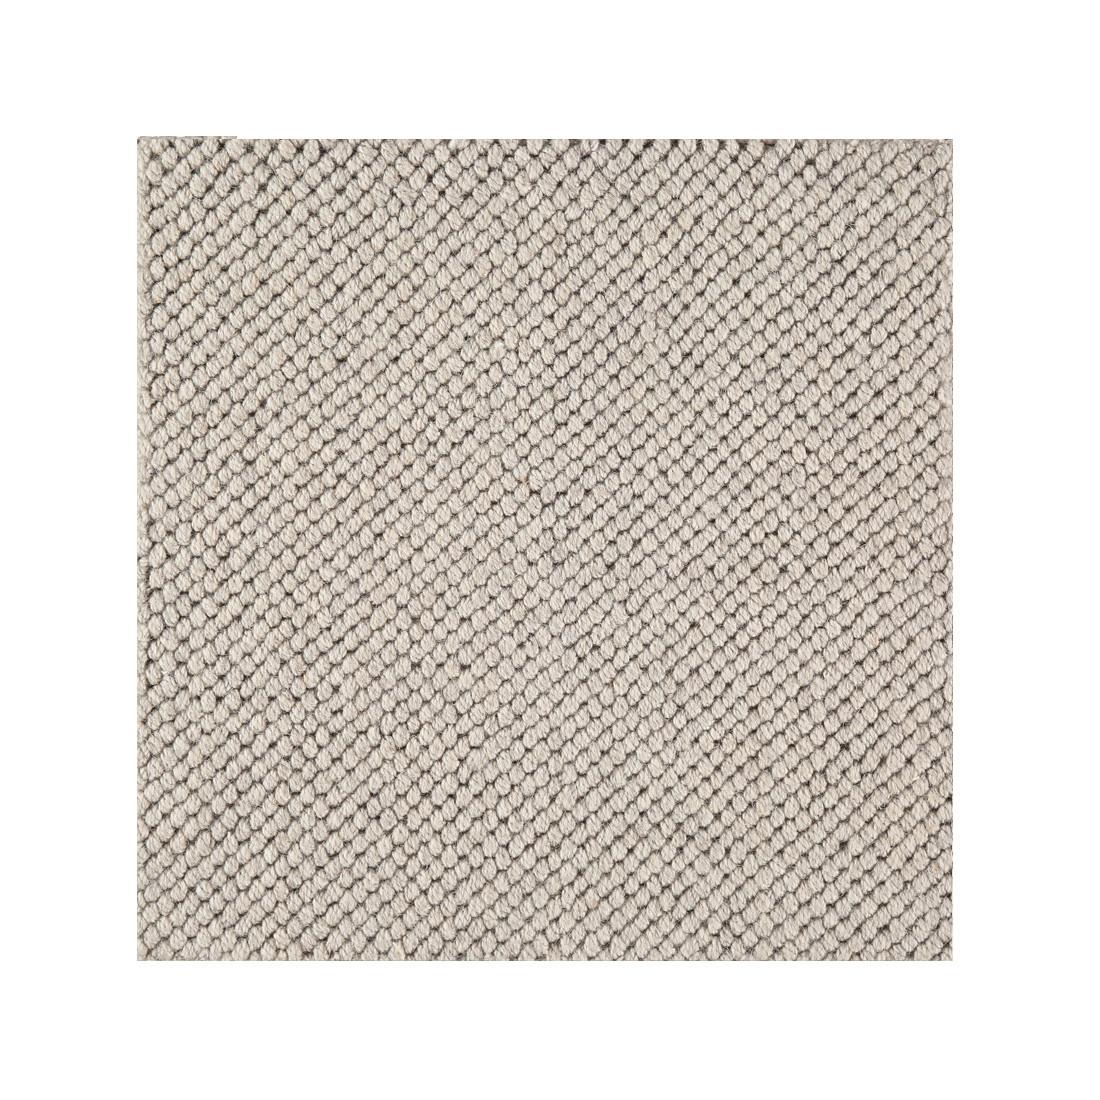 Yale  - Wool & Viscose Blend Hand Loomed Loop Pile - Sand